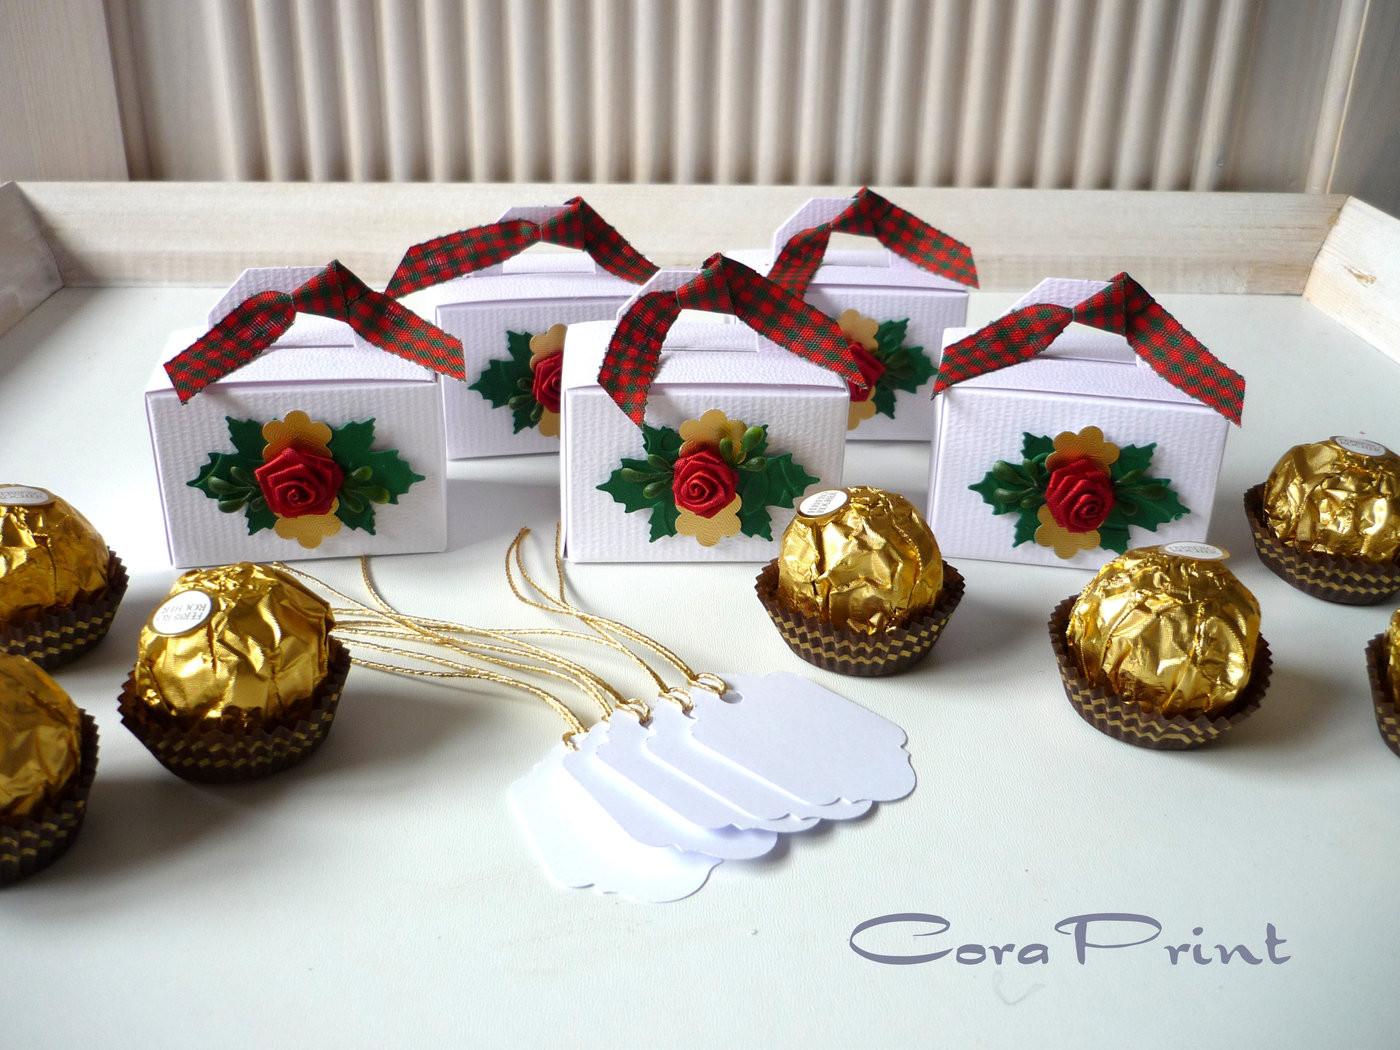 Geschenkideen Vater Weihnachten  5 x Süße kleine Geschenkideen zu Weihnachten CoraPrint